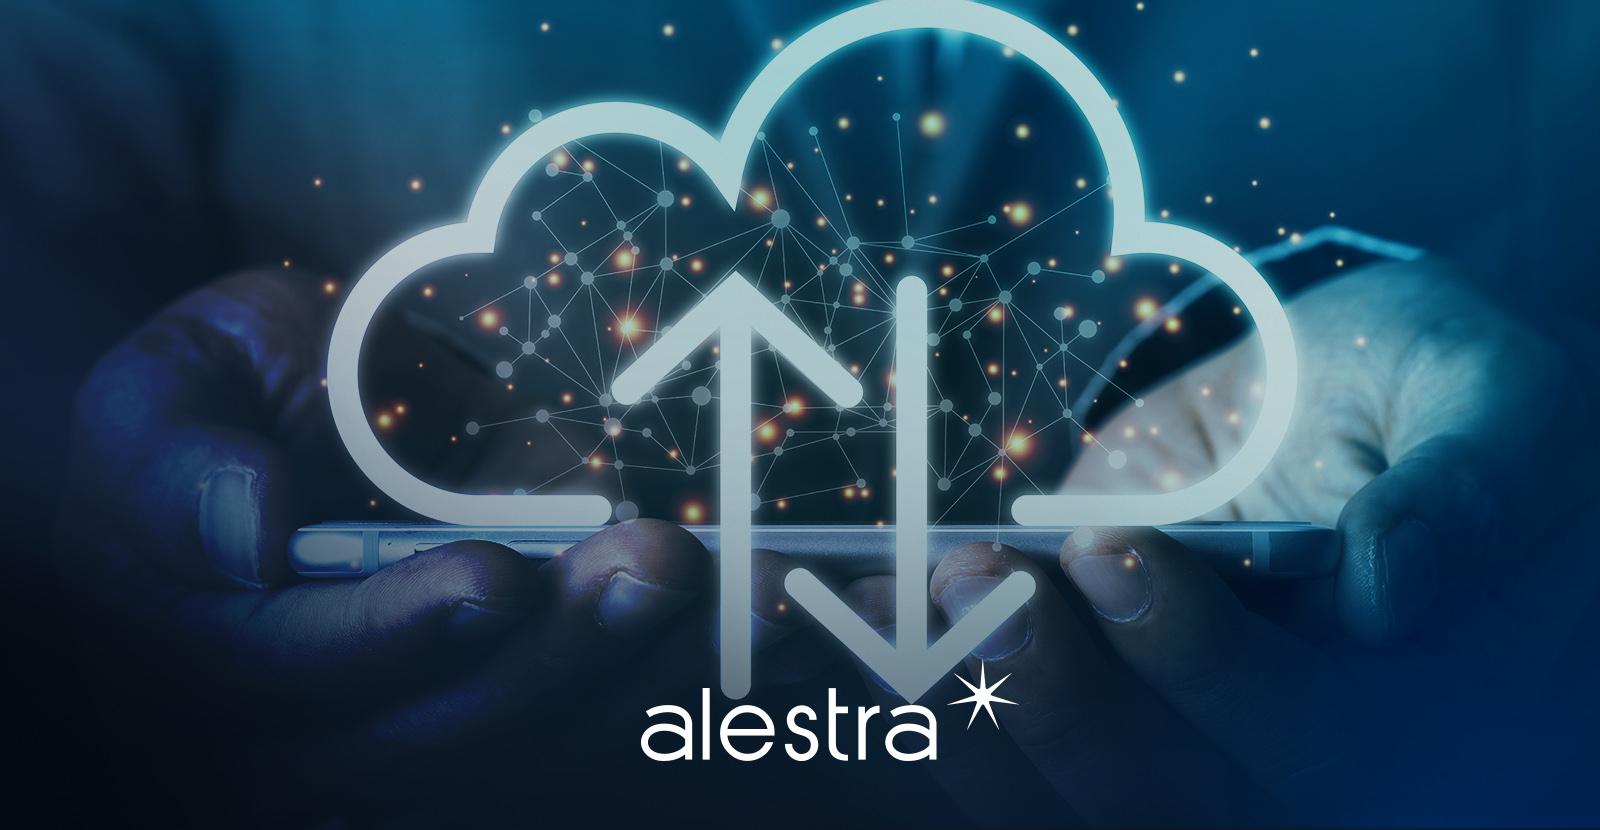 Usuario utilizando el servicio de la nube en Alestra desde su teléfono